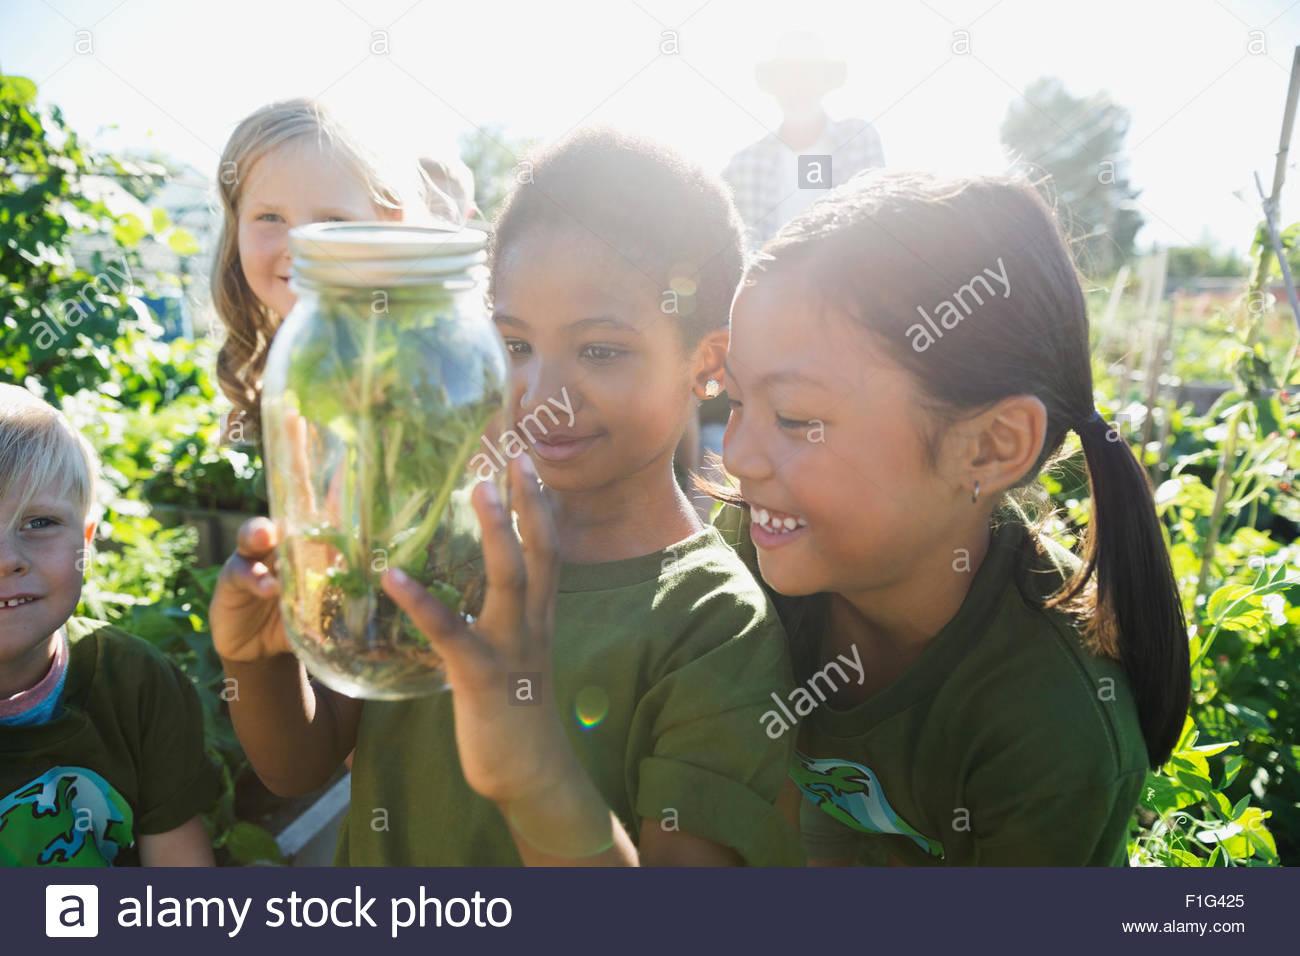 Curioso niñas estudiando plantas soleado jardín jar Imagen De Stock